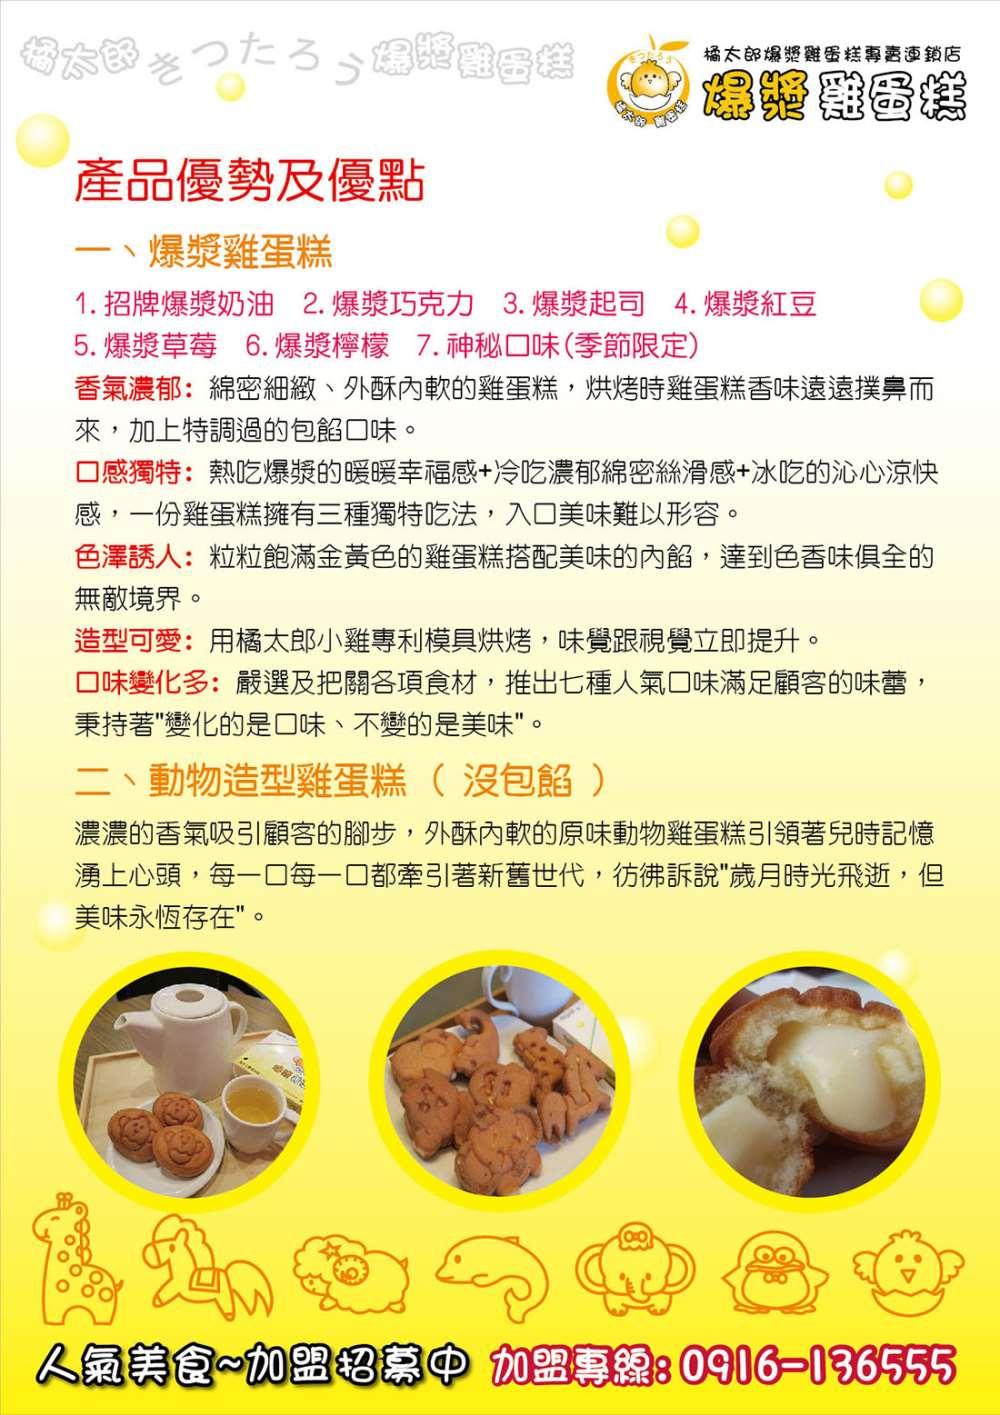 爆漿雞蛋糕產品加盟優勢優點